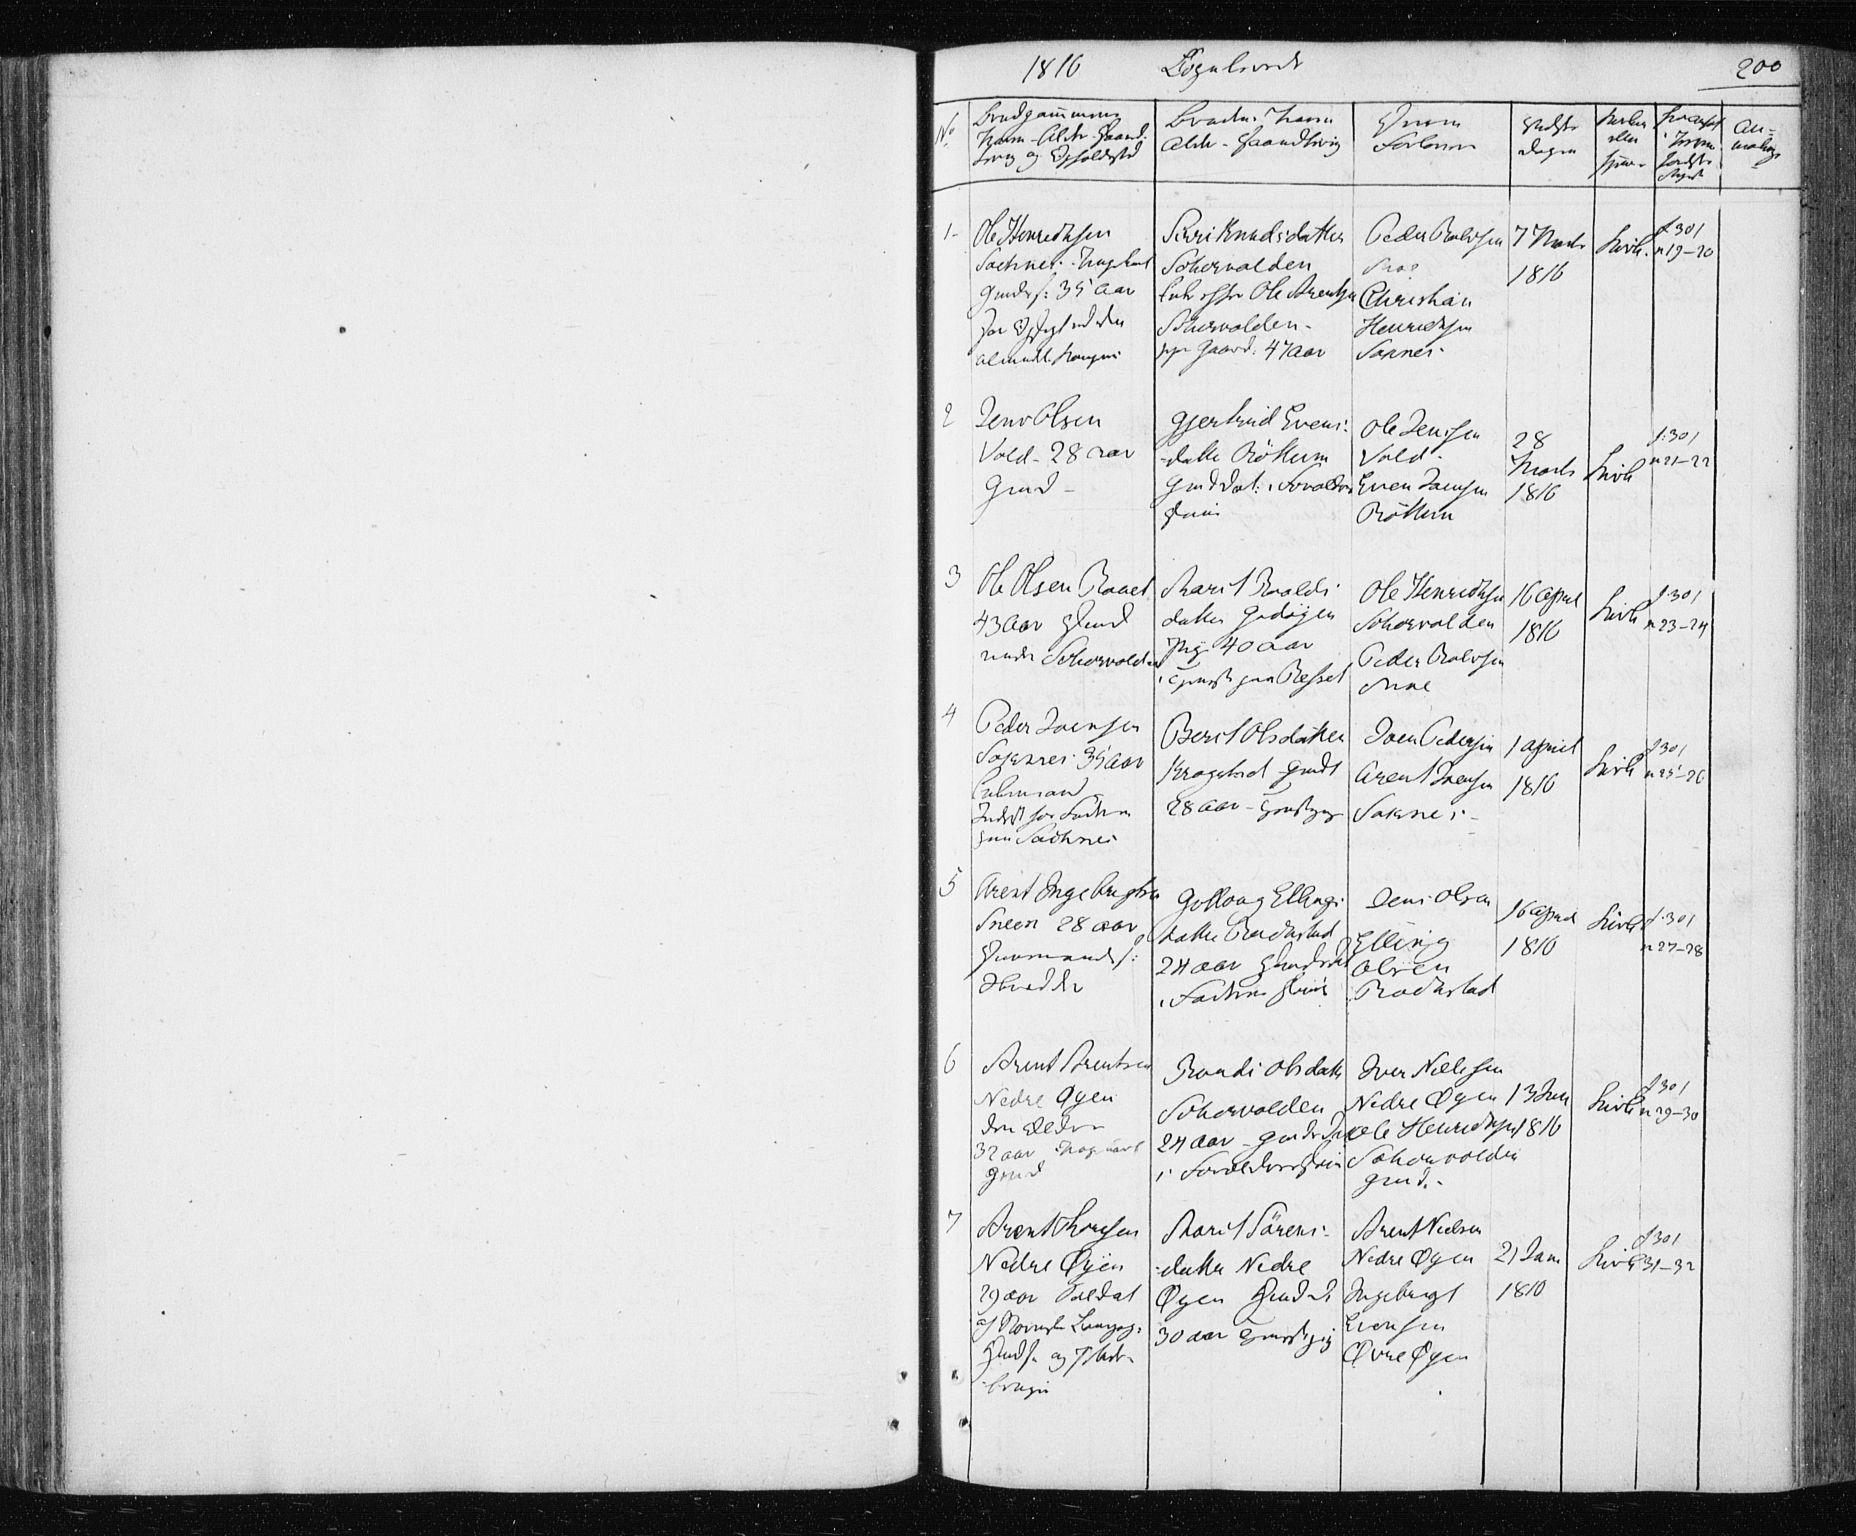 SAT, Ministerialprotokoller, klokkerbøker og fødselsregistre - Sør-Trøndelag, 687/L1017: Klokkerbok nr. 687C01, 1816-1837, s. 200